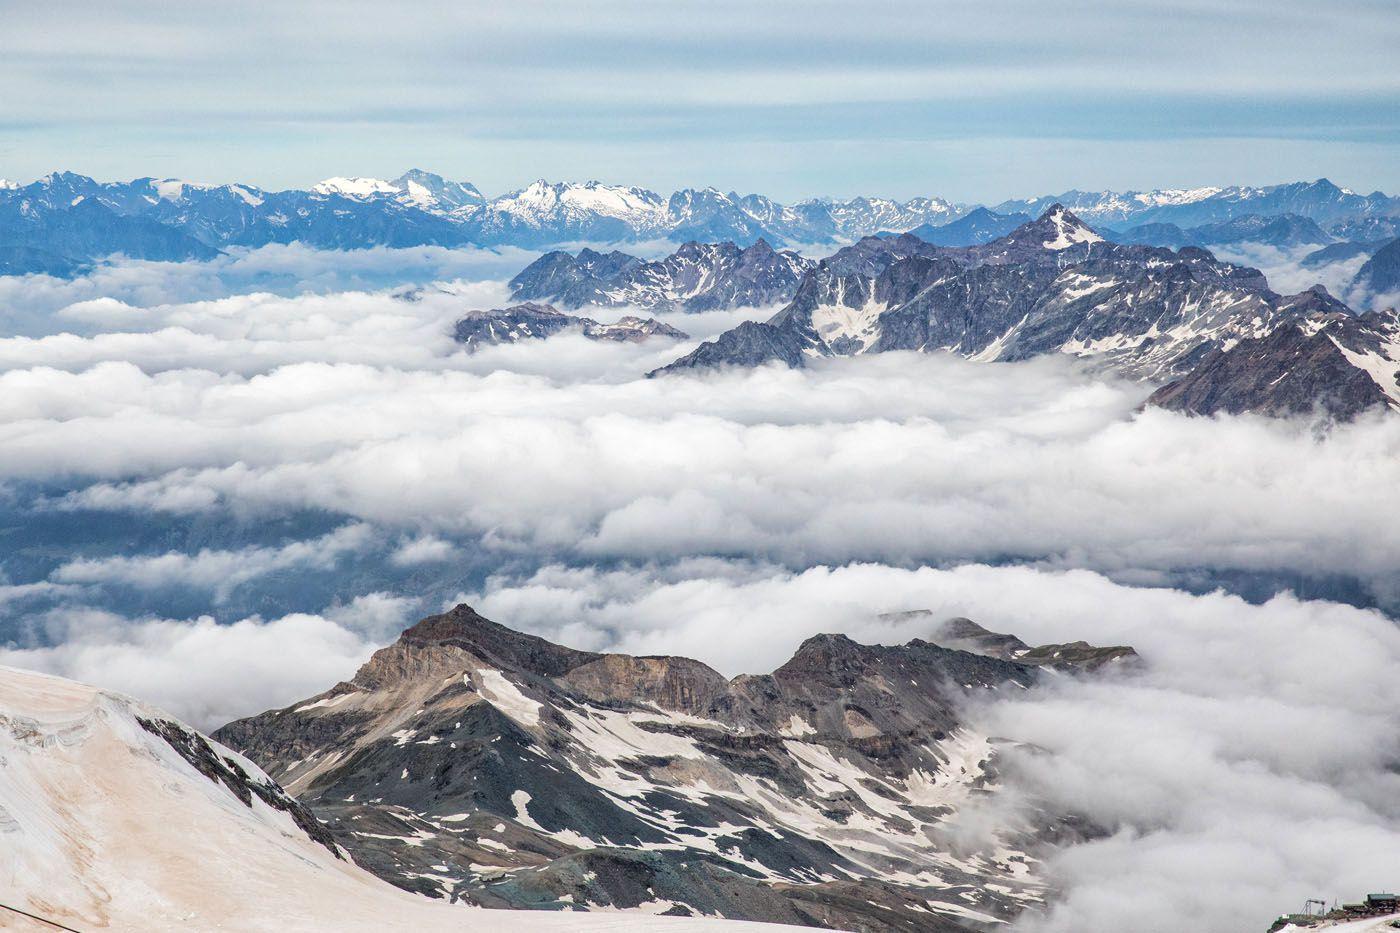 Alps View Matterhorn Glacier Paradise